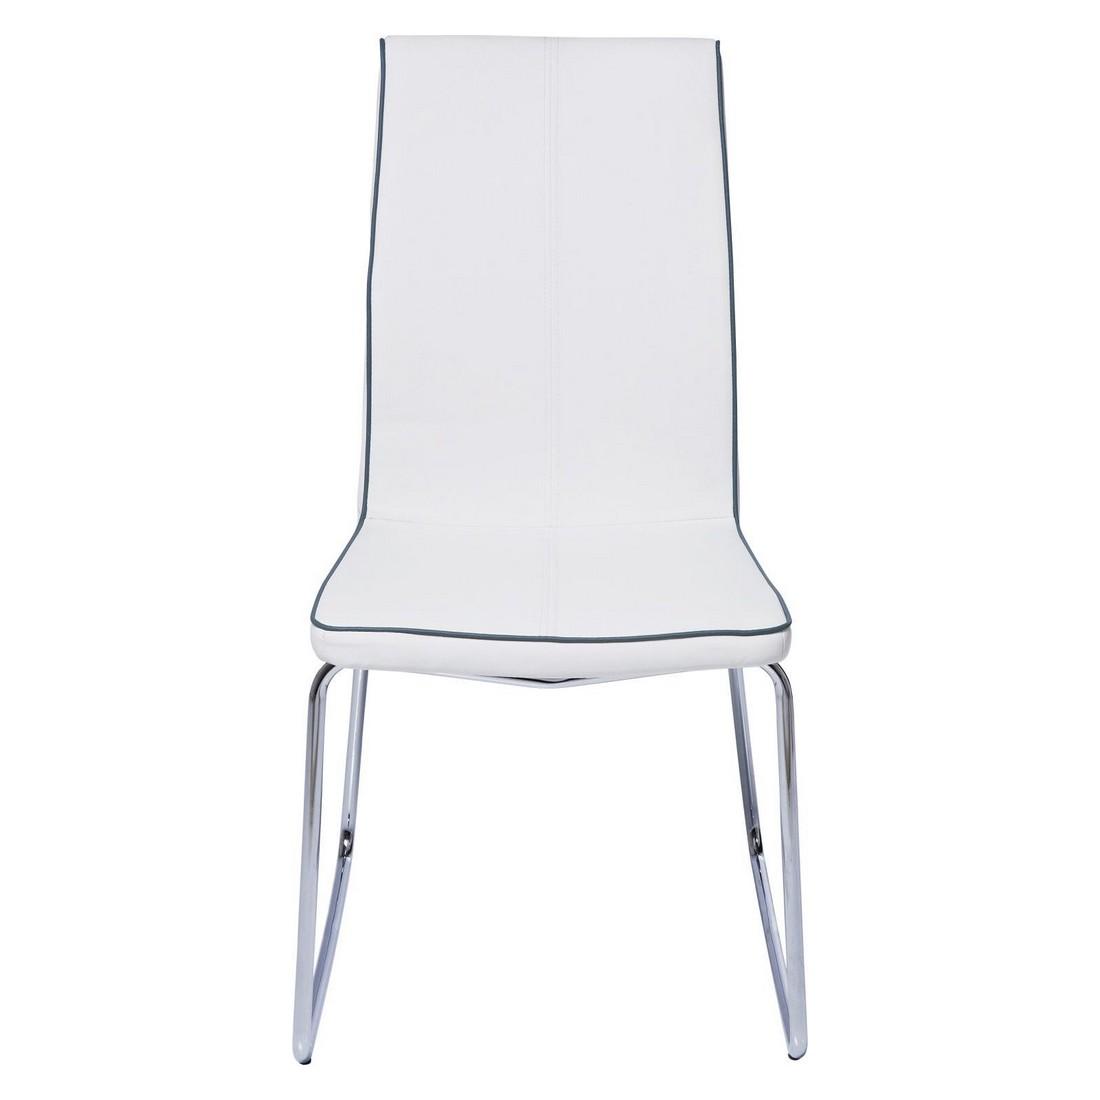 Fantastisch shopendix.de - Wohnzimmer   stühle > konferenzstühle PH37